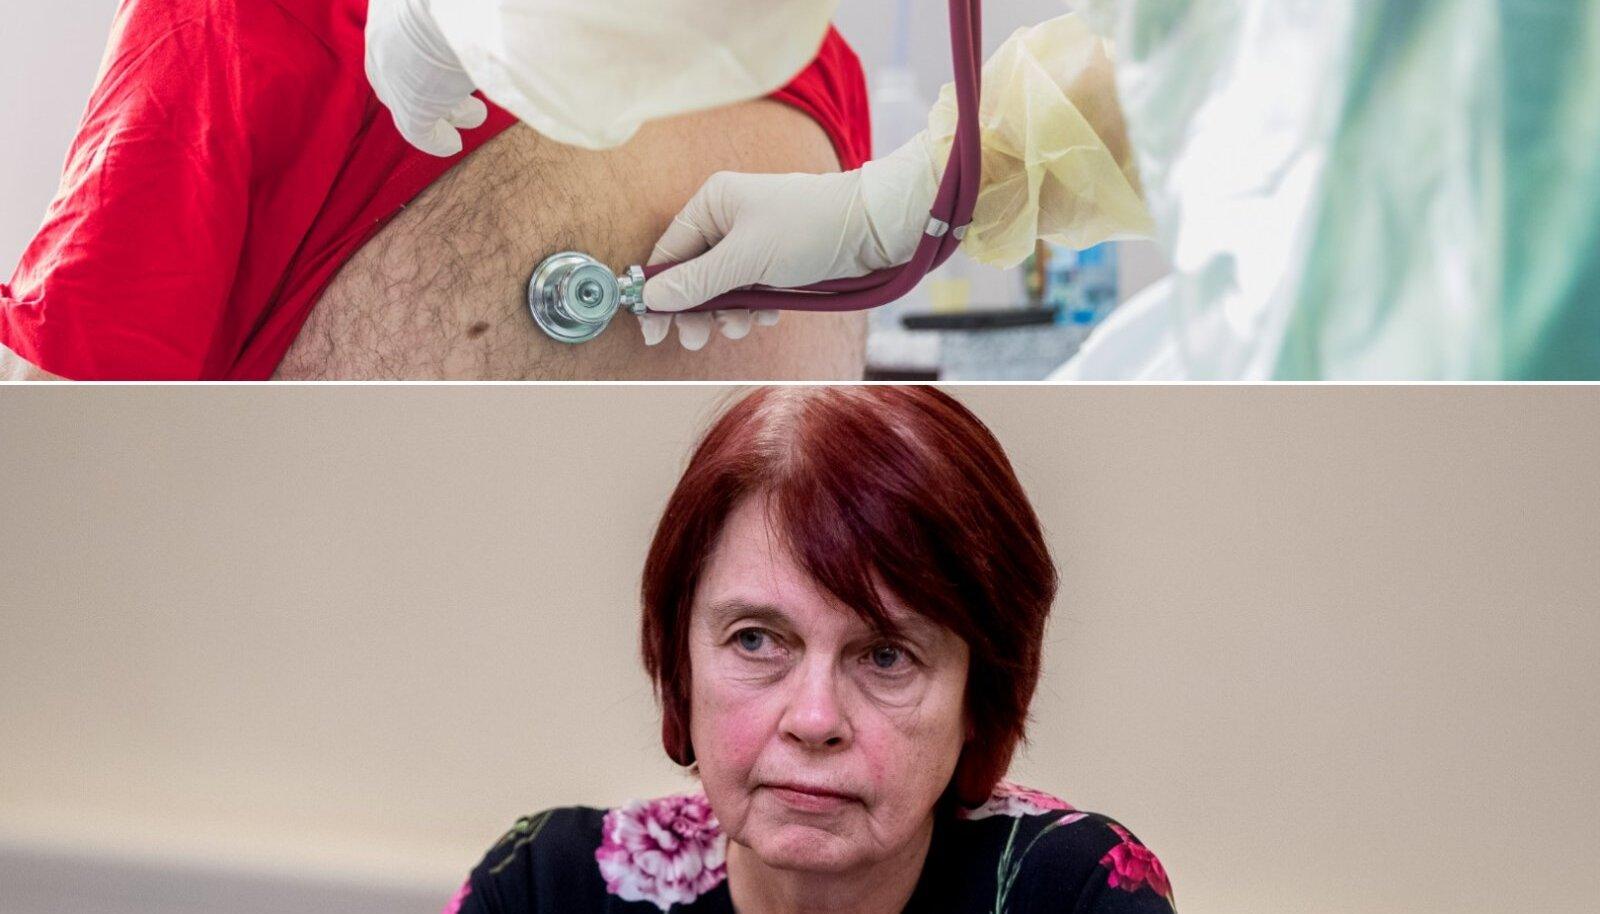 Irja Lutsar märkis Delfile, et kõige väiksem tõus nakatunute puhul on nähtav vanemaealiste seas. Haigestunute seas domineerivad aina enam noored.